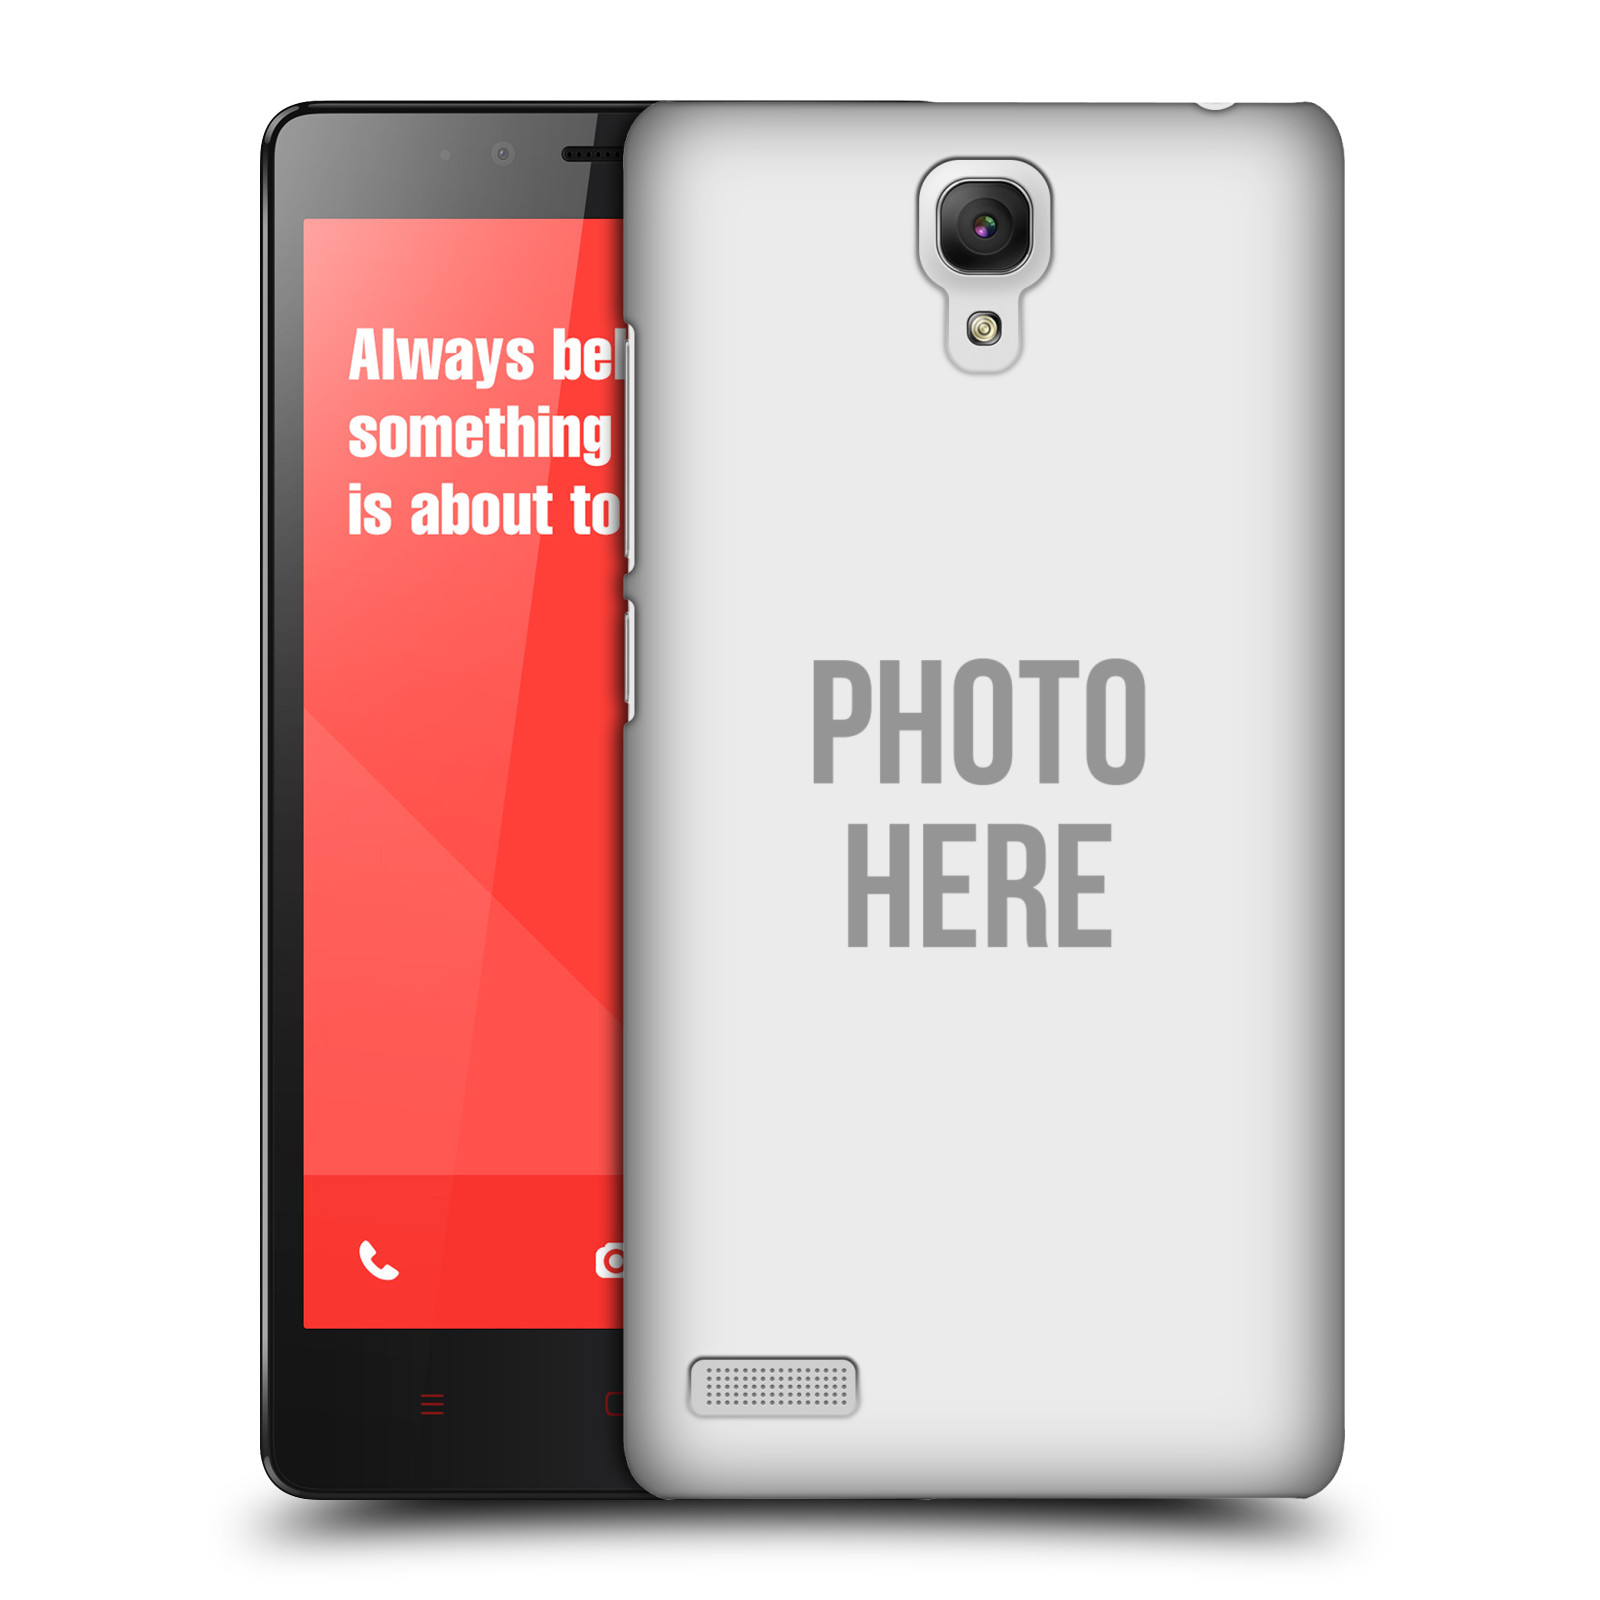 Plastové pouzdro na mobil Xiaomi Redmi Note LTE HEAD CASE s vlastním motivem (Kryt či obal s vlastní fotografií na mobilní telefon Xiaomi Redmi Note LTE (4G) s 5,5'' displejem)